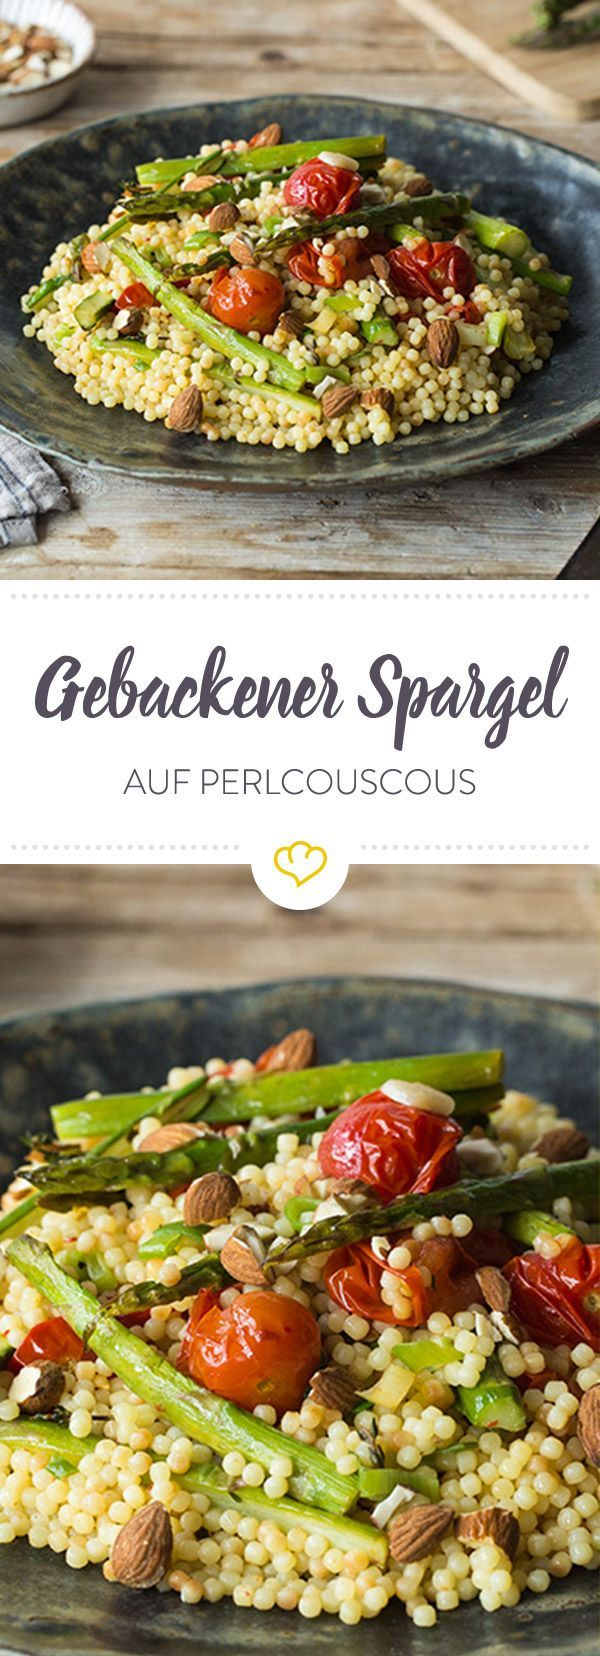 Perlcouscous mit gebackenem Spargel | Rezept | Schnelle leichte ...